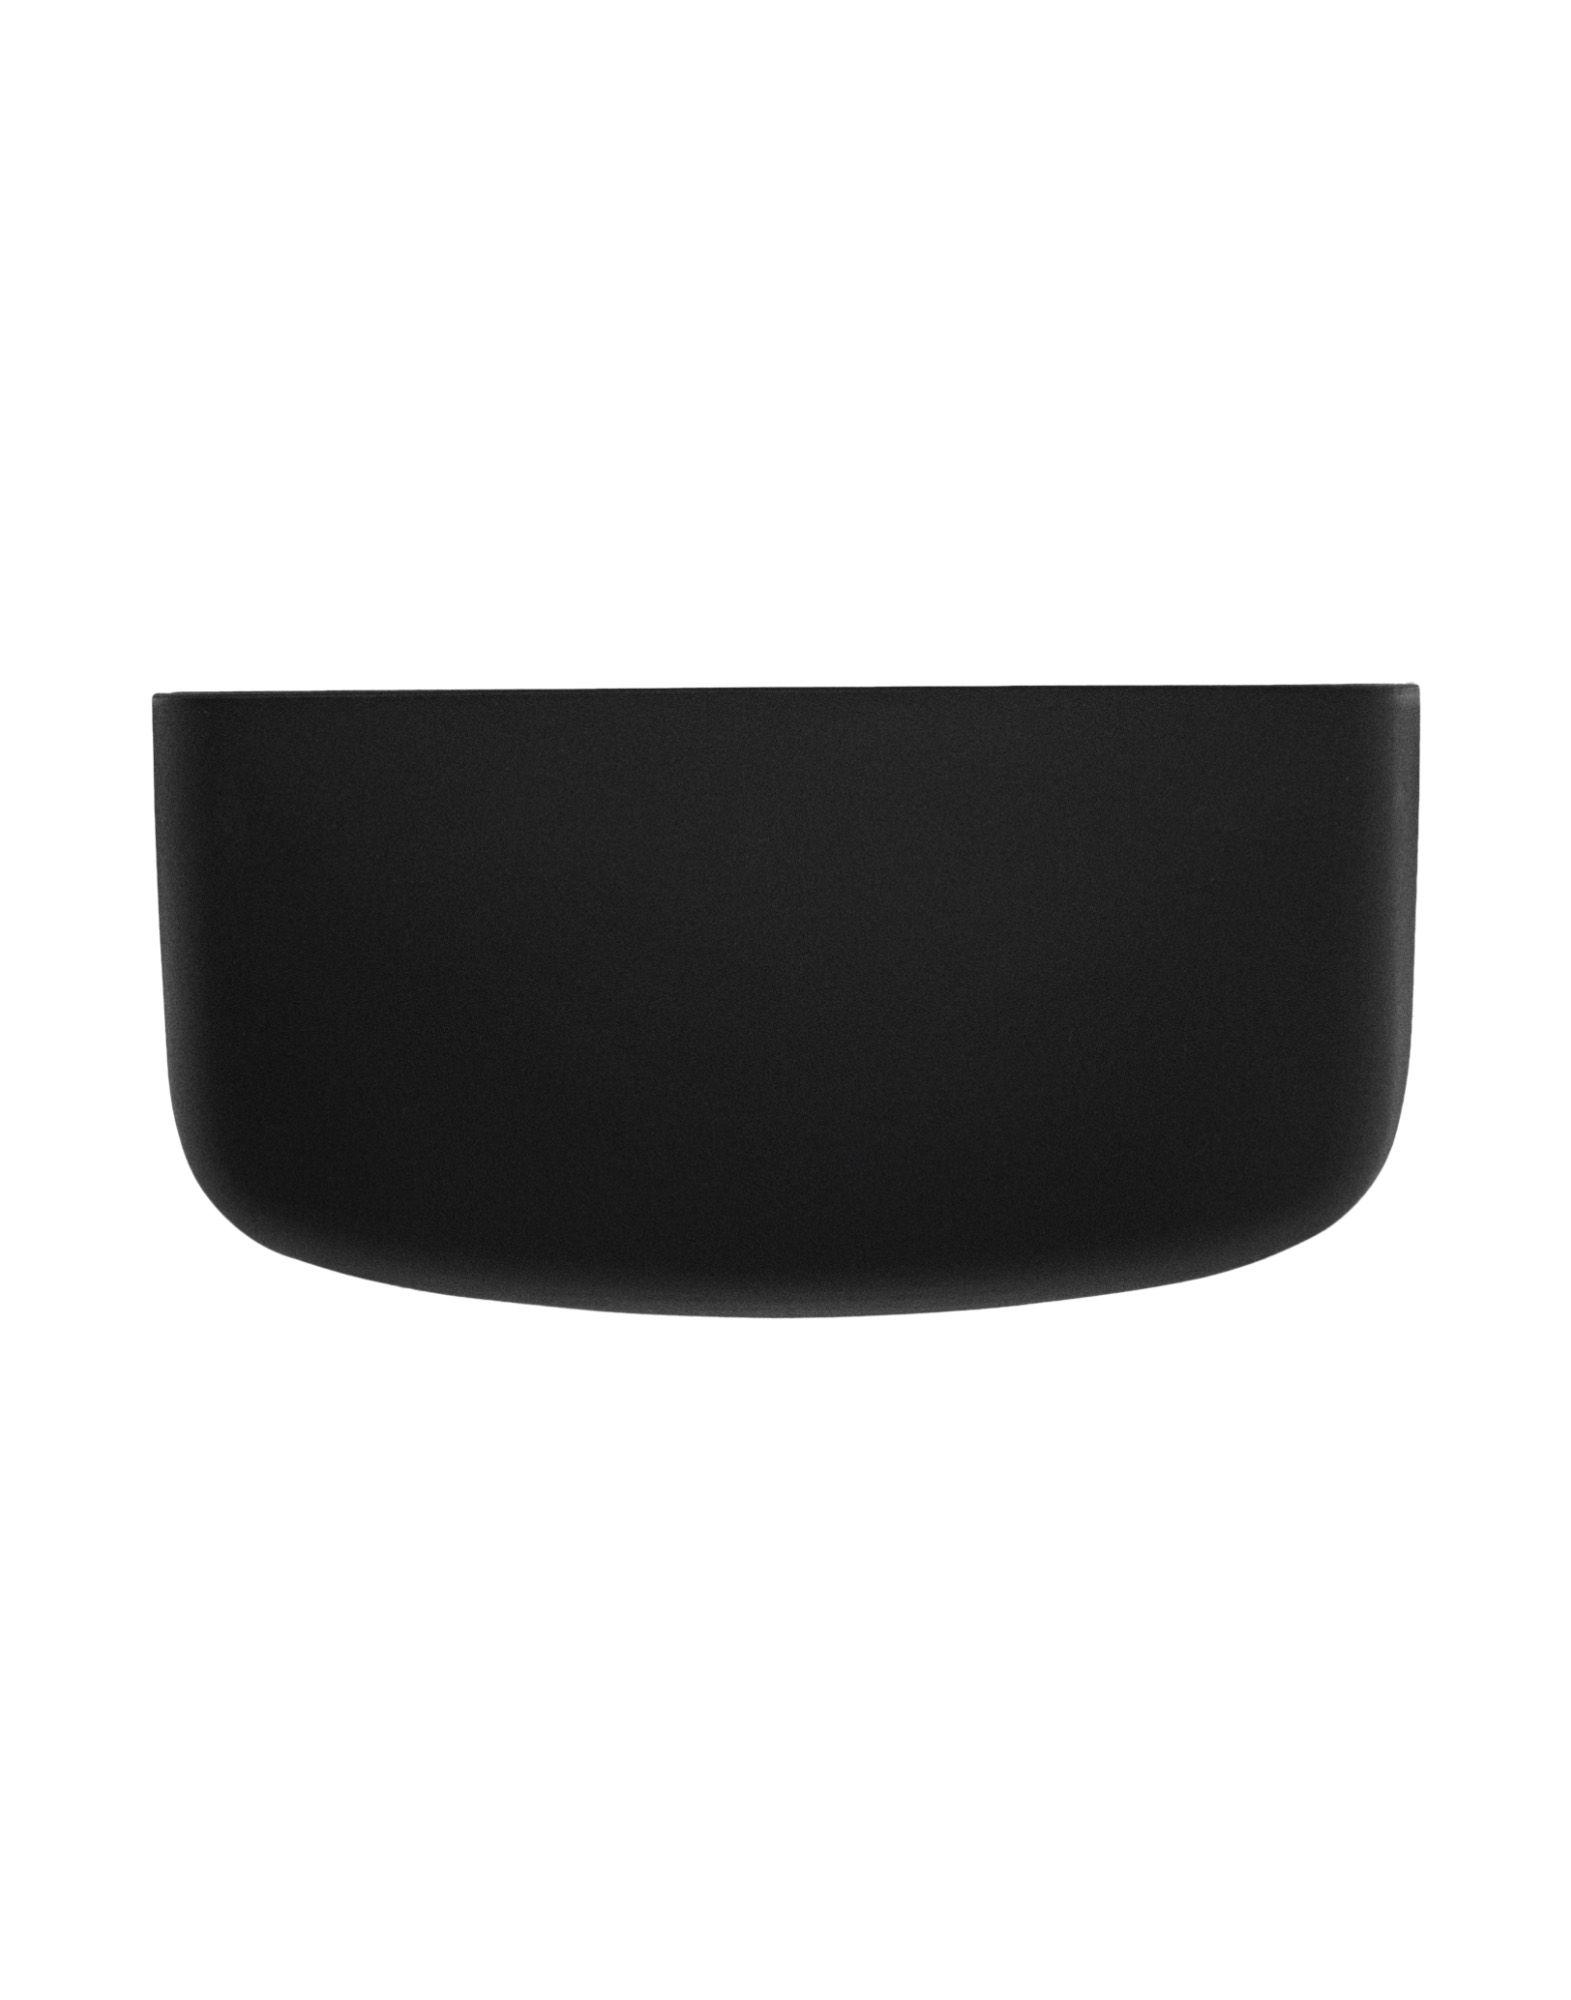 《送料無料》NORMANN COPENHAGEN Unisex 小物 ブラック プラスティック Pocket